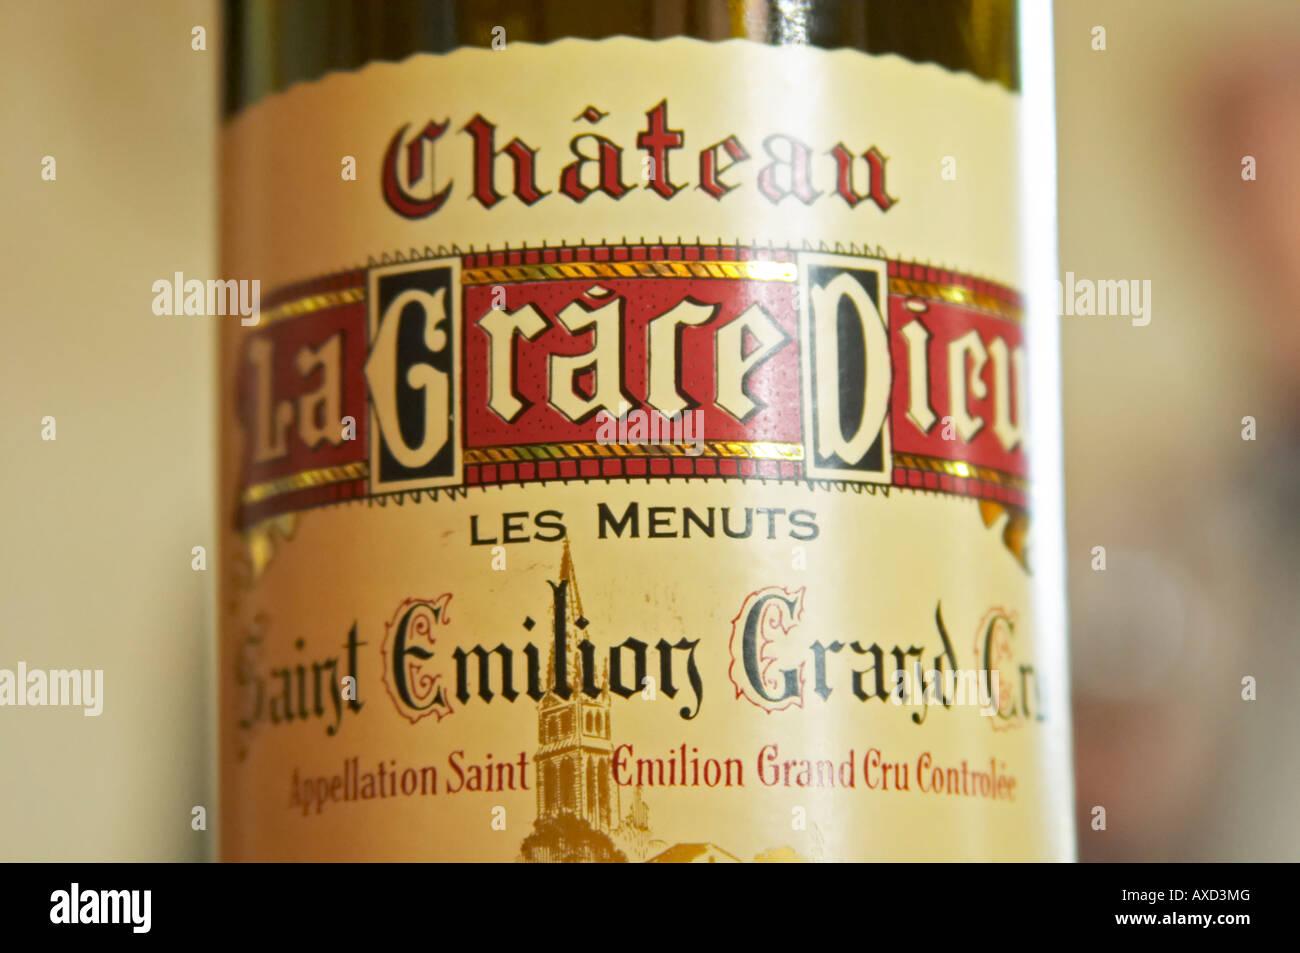 Chateau la Grace Dieu les Menuts, Saint Emilion, Bordeaux, France - Stock Image